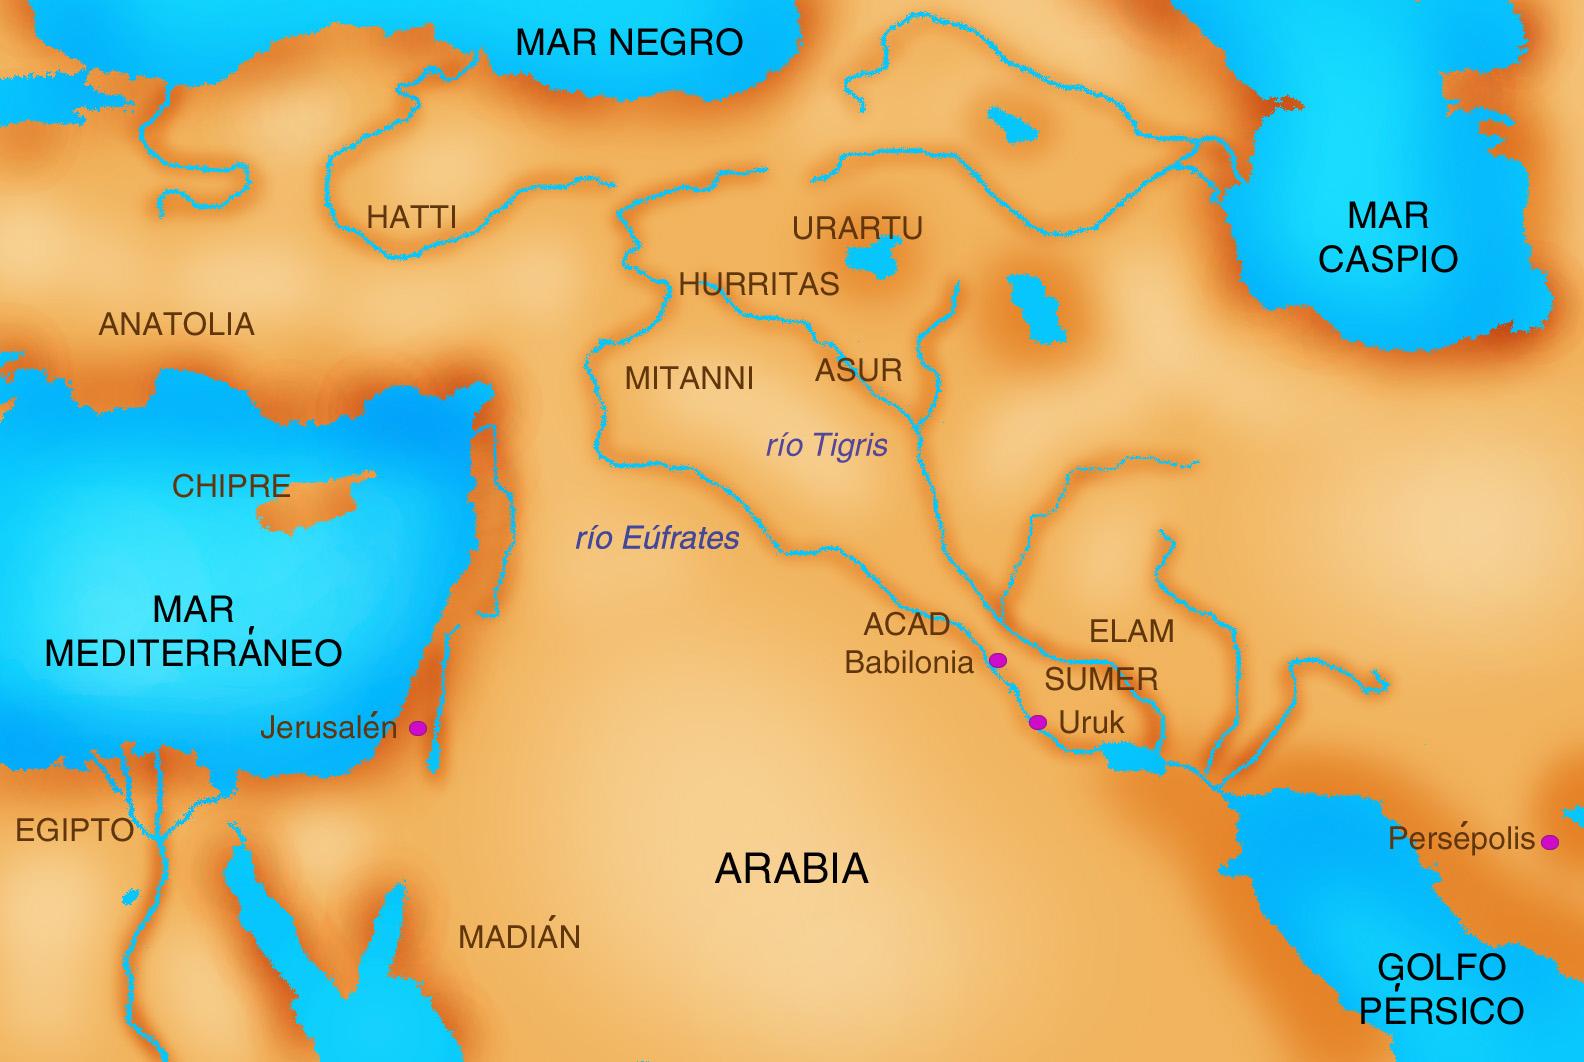 mapa_mesopotamia_copiar_a